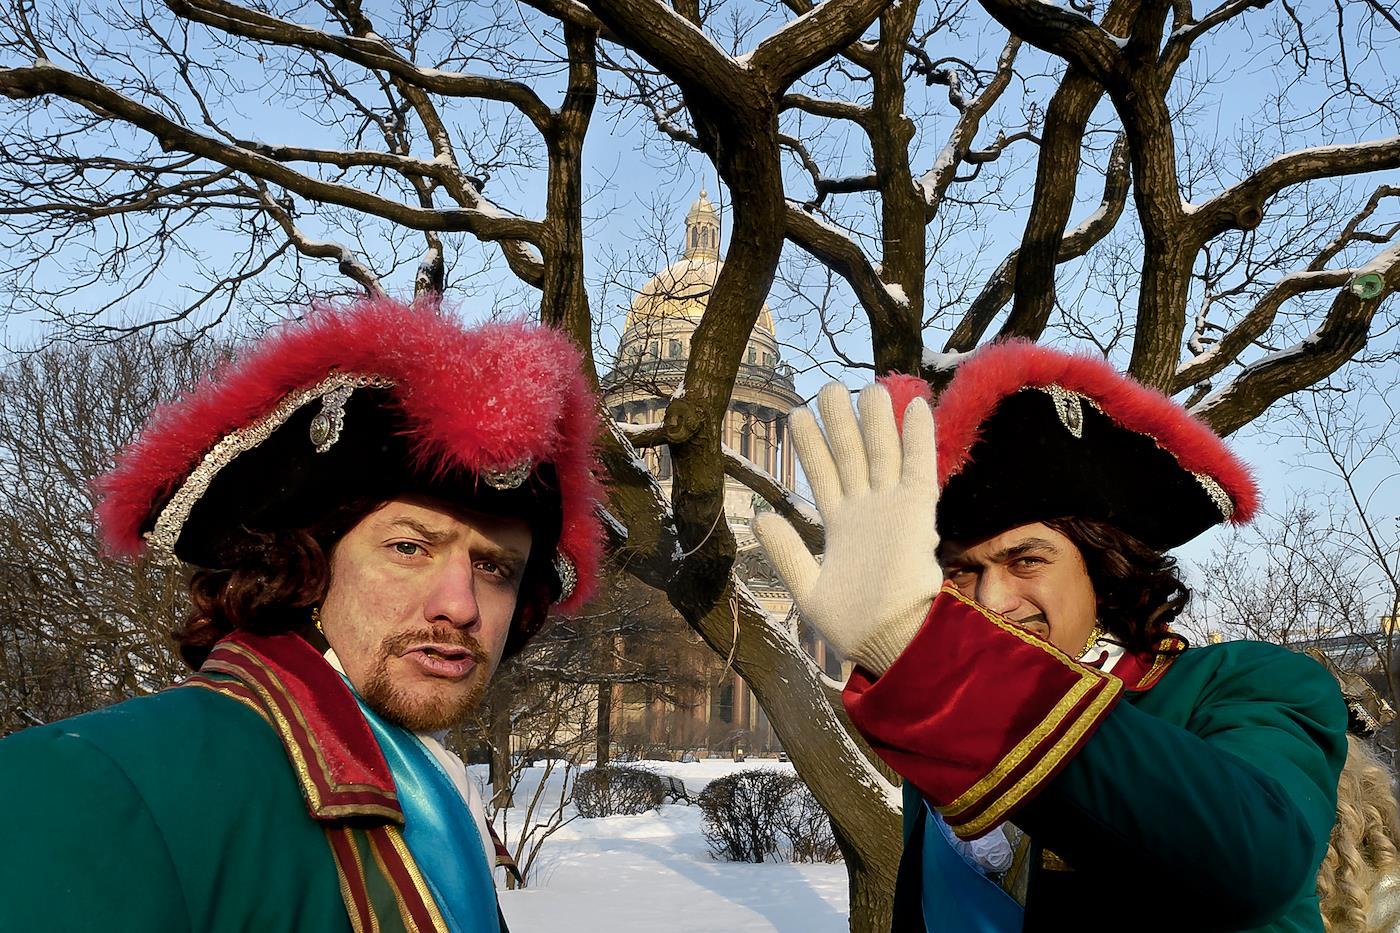 «Гвоздь в крышку гроба туризма». Новогодний локдаун в Петербурге рискует сорвать программу кешбэка от Ростуризма